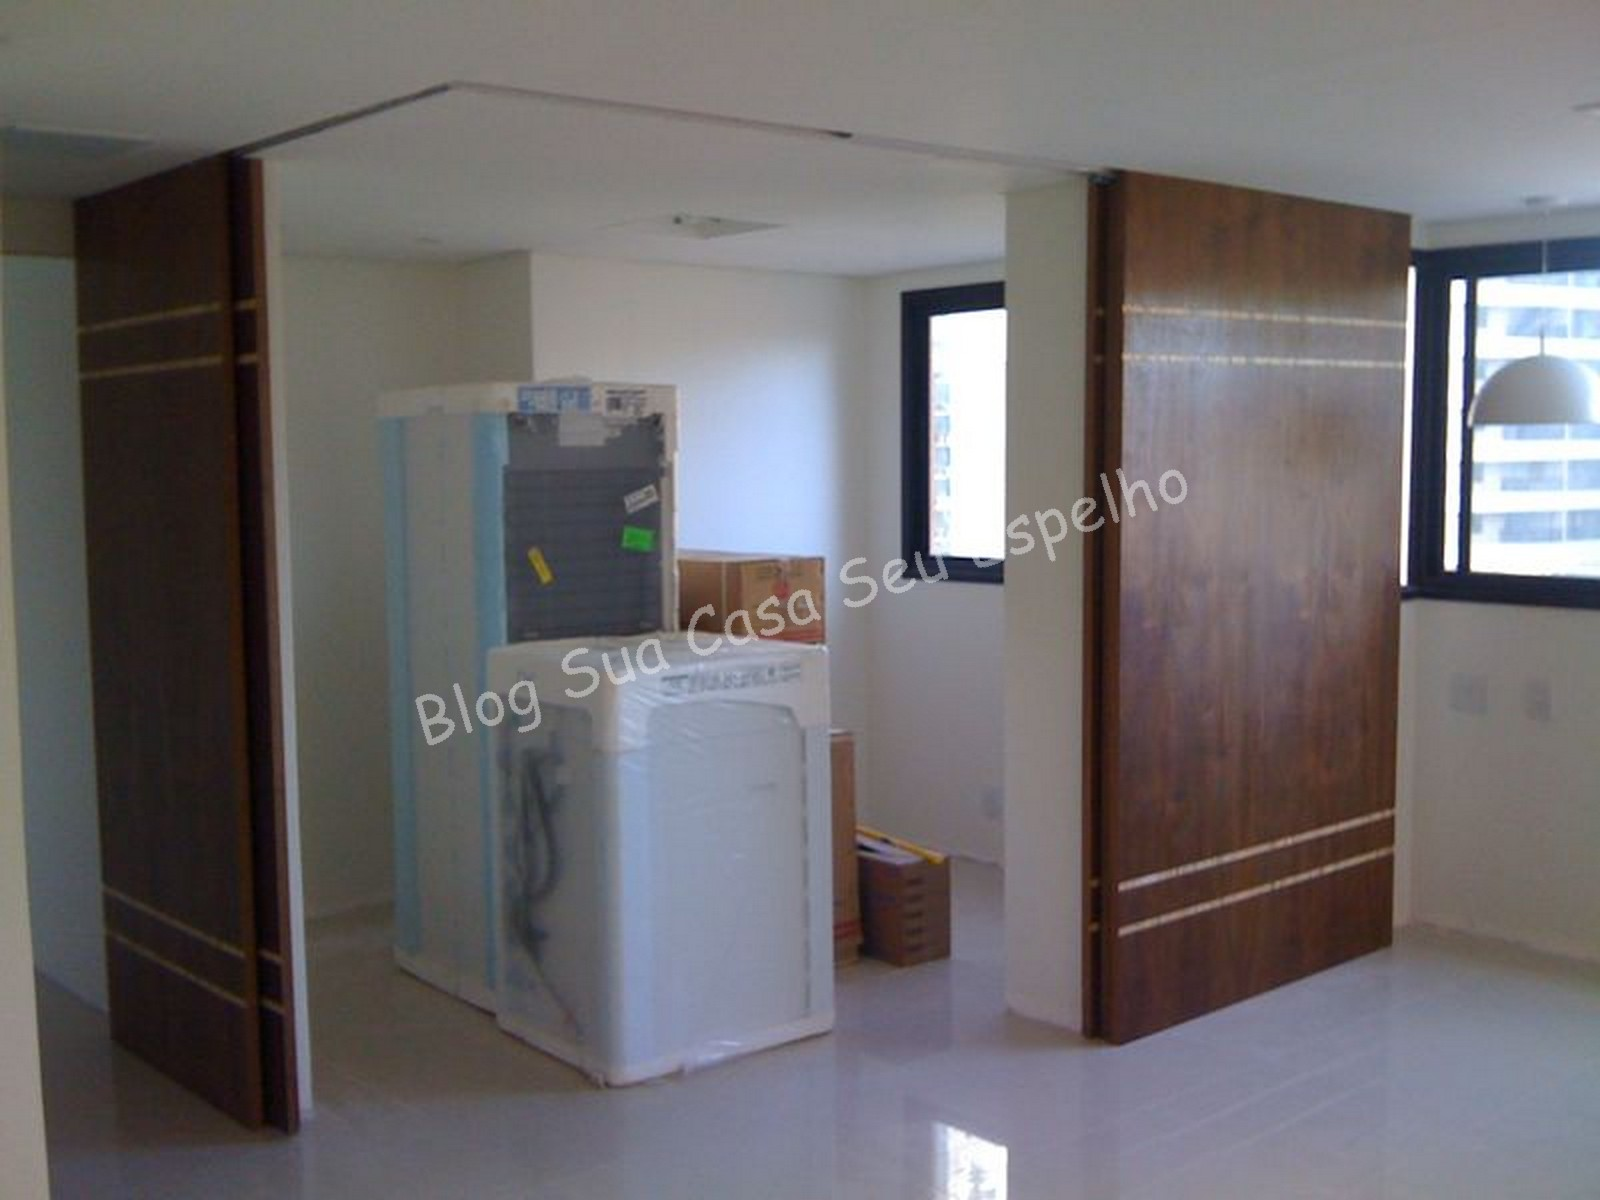 Sua Casa Seu Espelho: Portas de correr para criar ambientes  #335C98 1600x1200 Banheiro Acessivel Porta De Correr